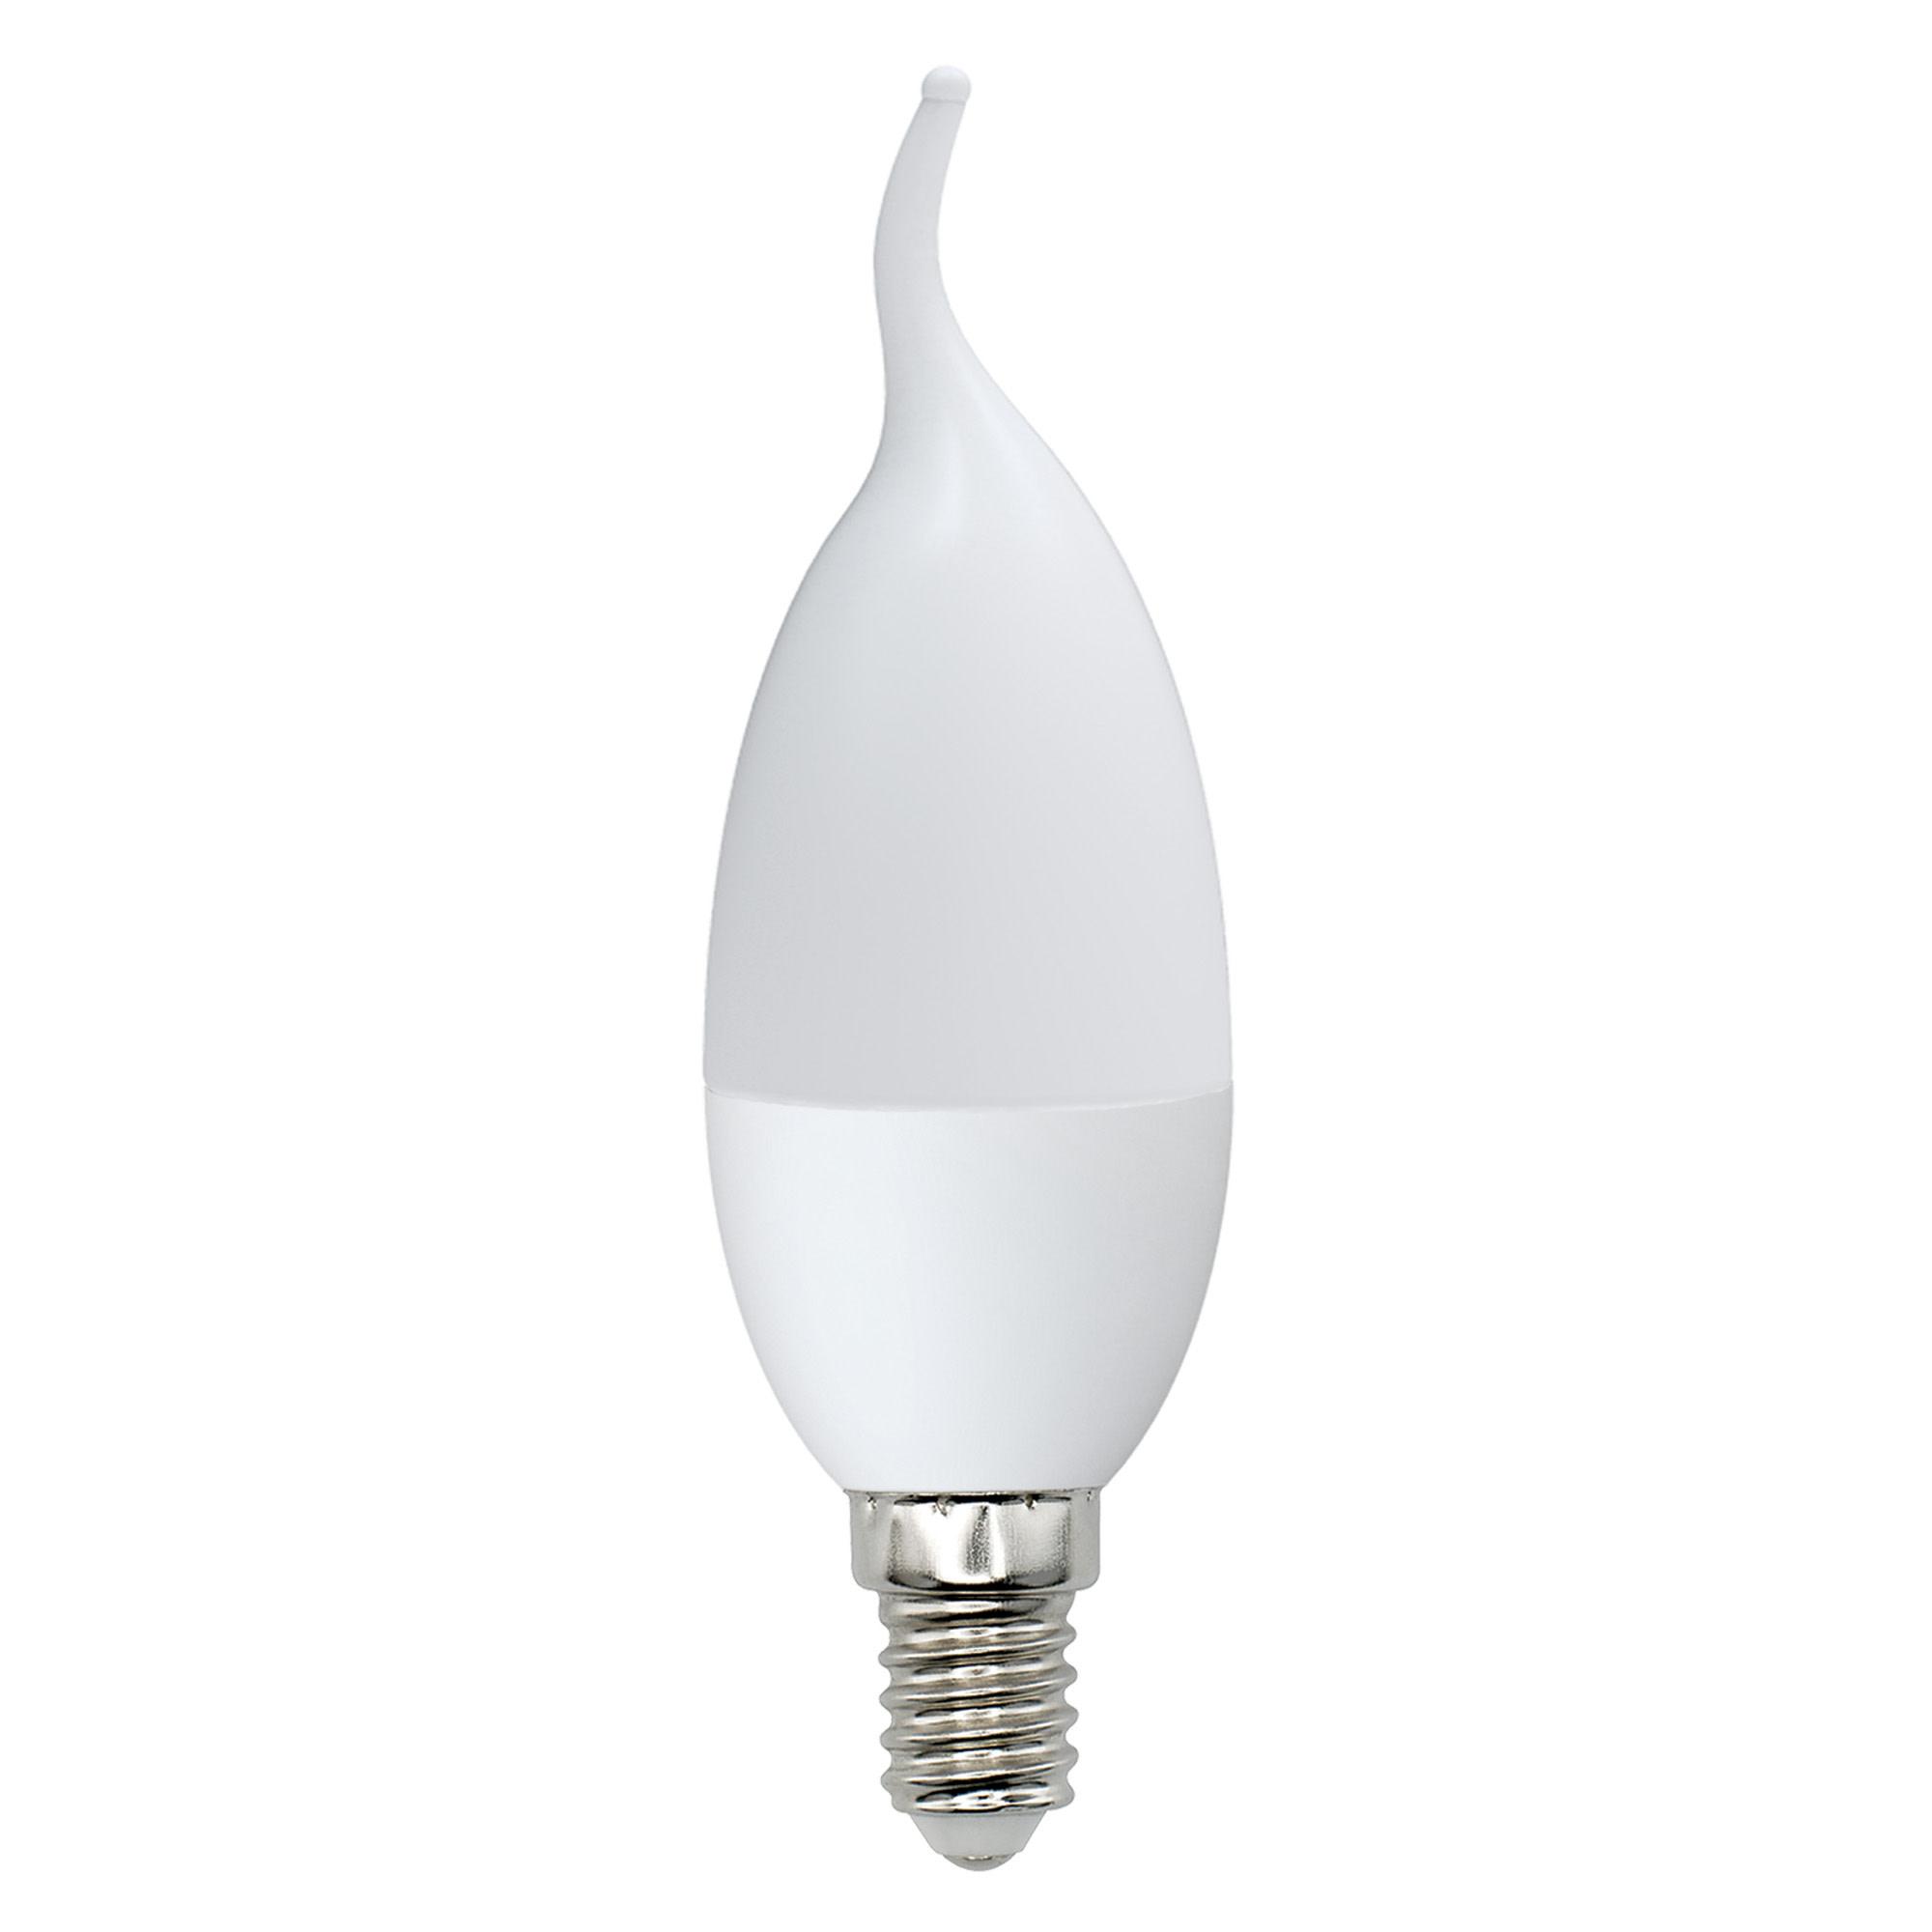 Лампа светодиодная Norma E14 220 В 9 Вт свеча на ветру матовая 750 лм холодный белый свет